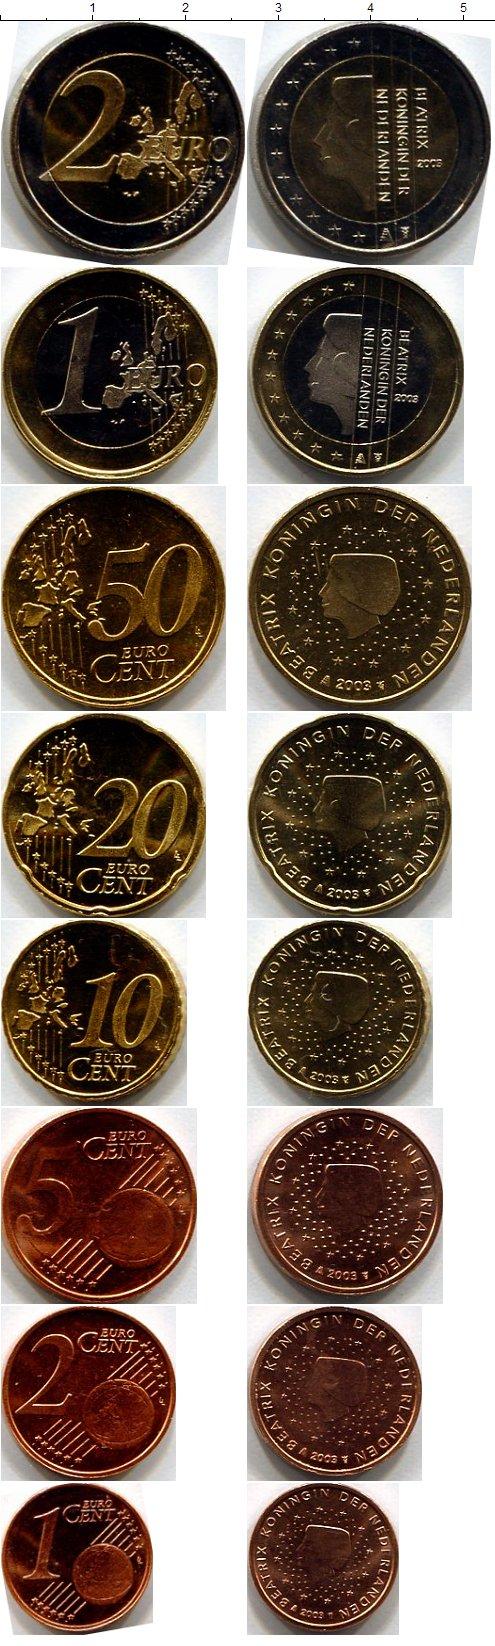 Картинка Подарочные монеты Нидерланды Нидерланды 2002  2002